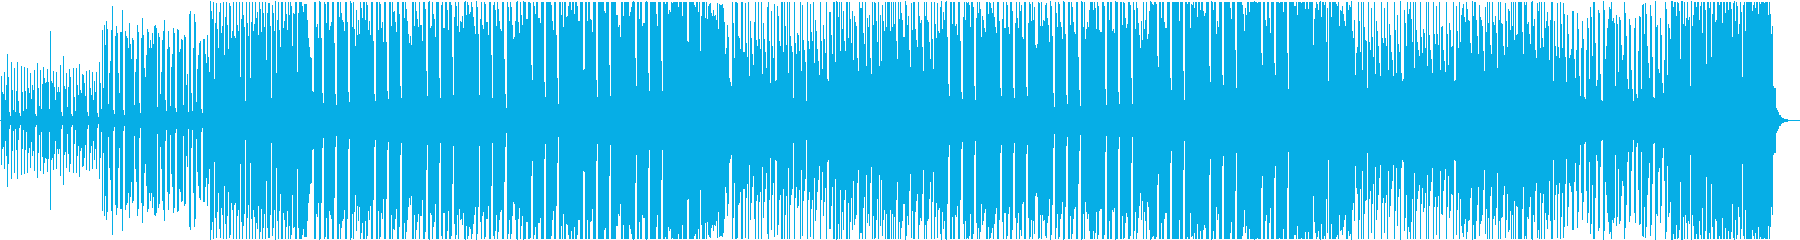 幻想的なフューチャーベースの再生済みの波形